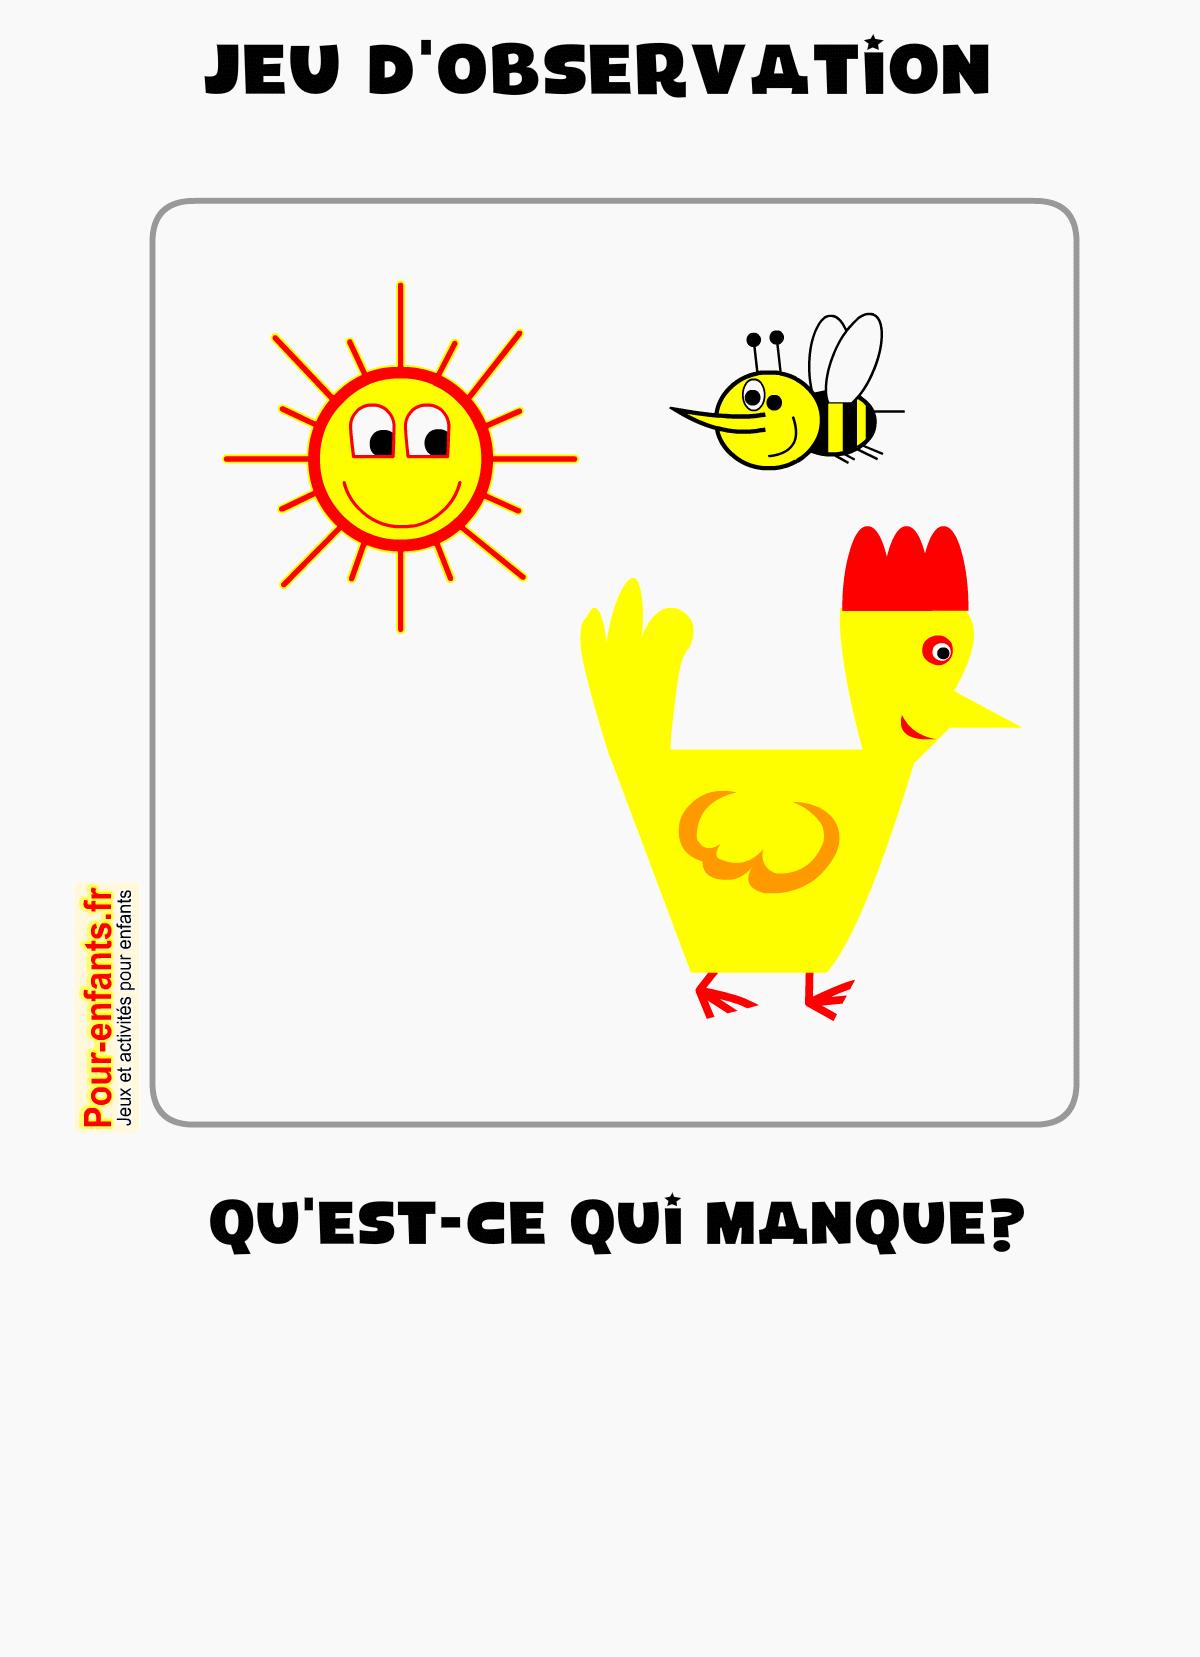 Jeux D'observation Maternelle Imprimer Ps Ms Gs Enfants Gratuit dedans Jeux Maternelle Gratuit